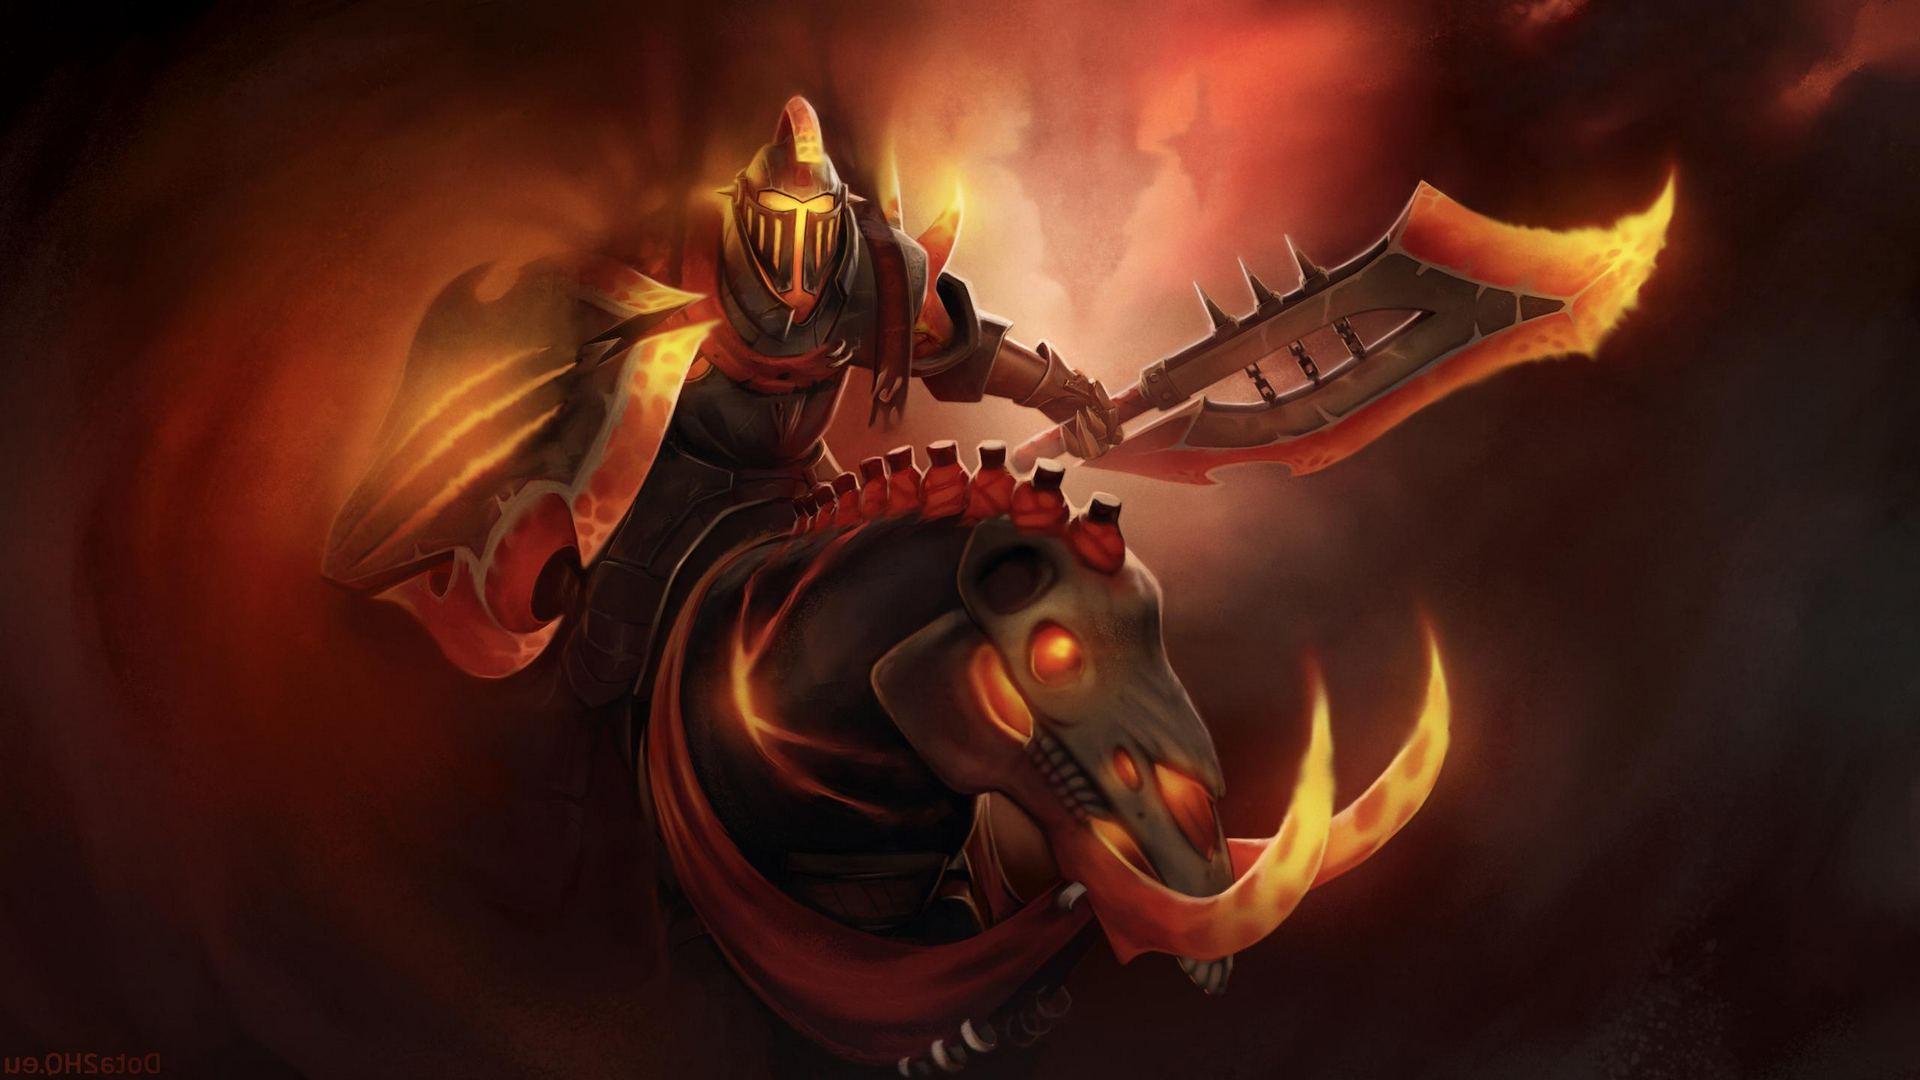 Dota2 : Chaos Knight widescreen